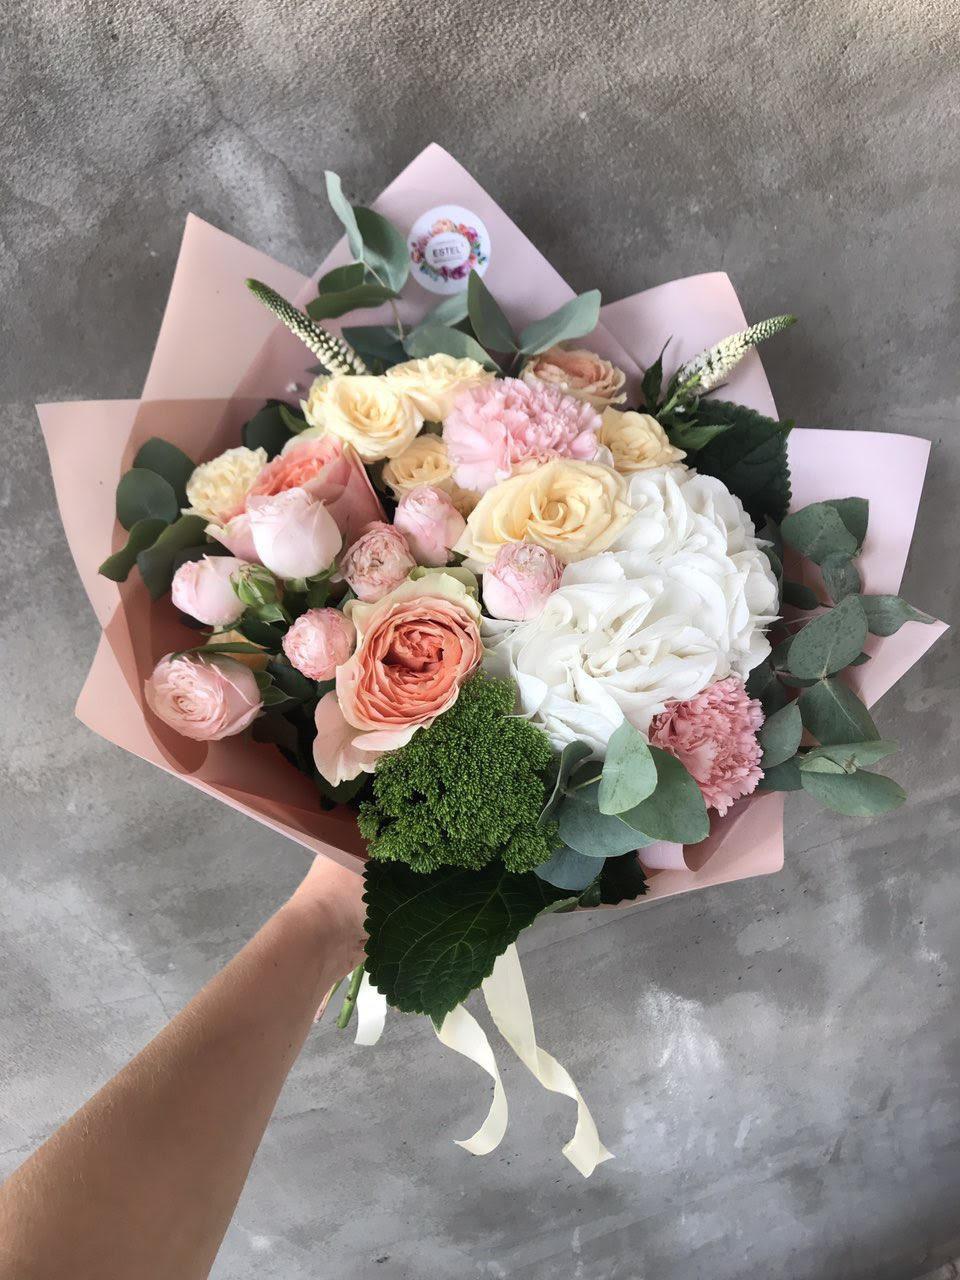 Закажи красивый букет в новом цветочном магазине - получи доставку в подарок!, фото-3